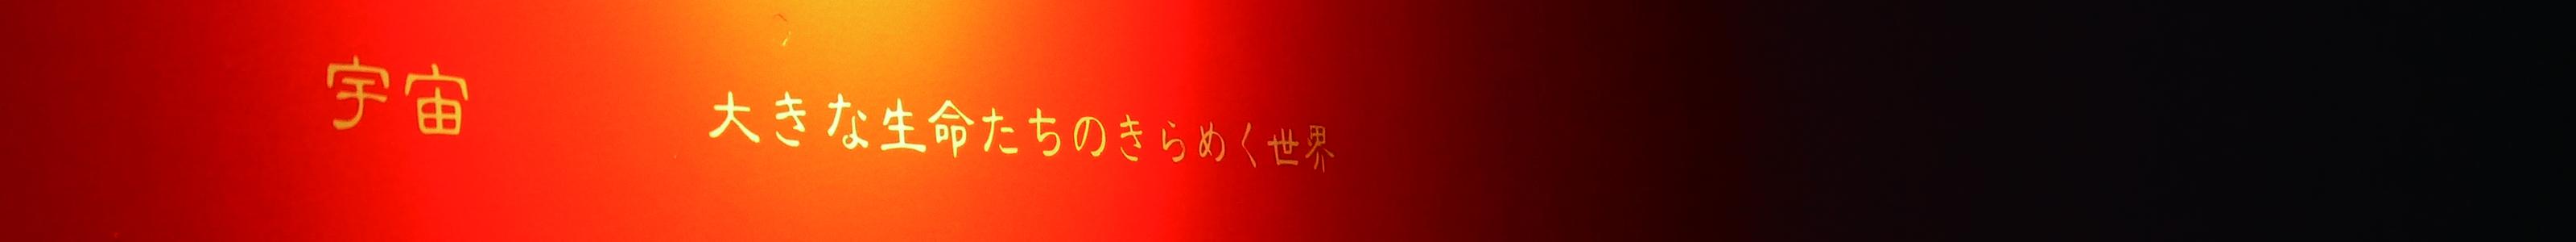 obatamariko.com